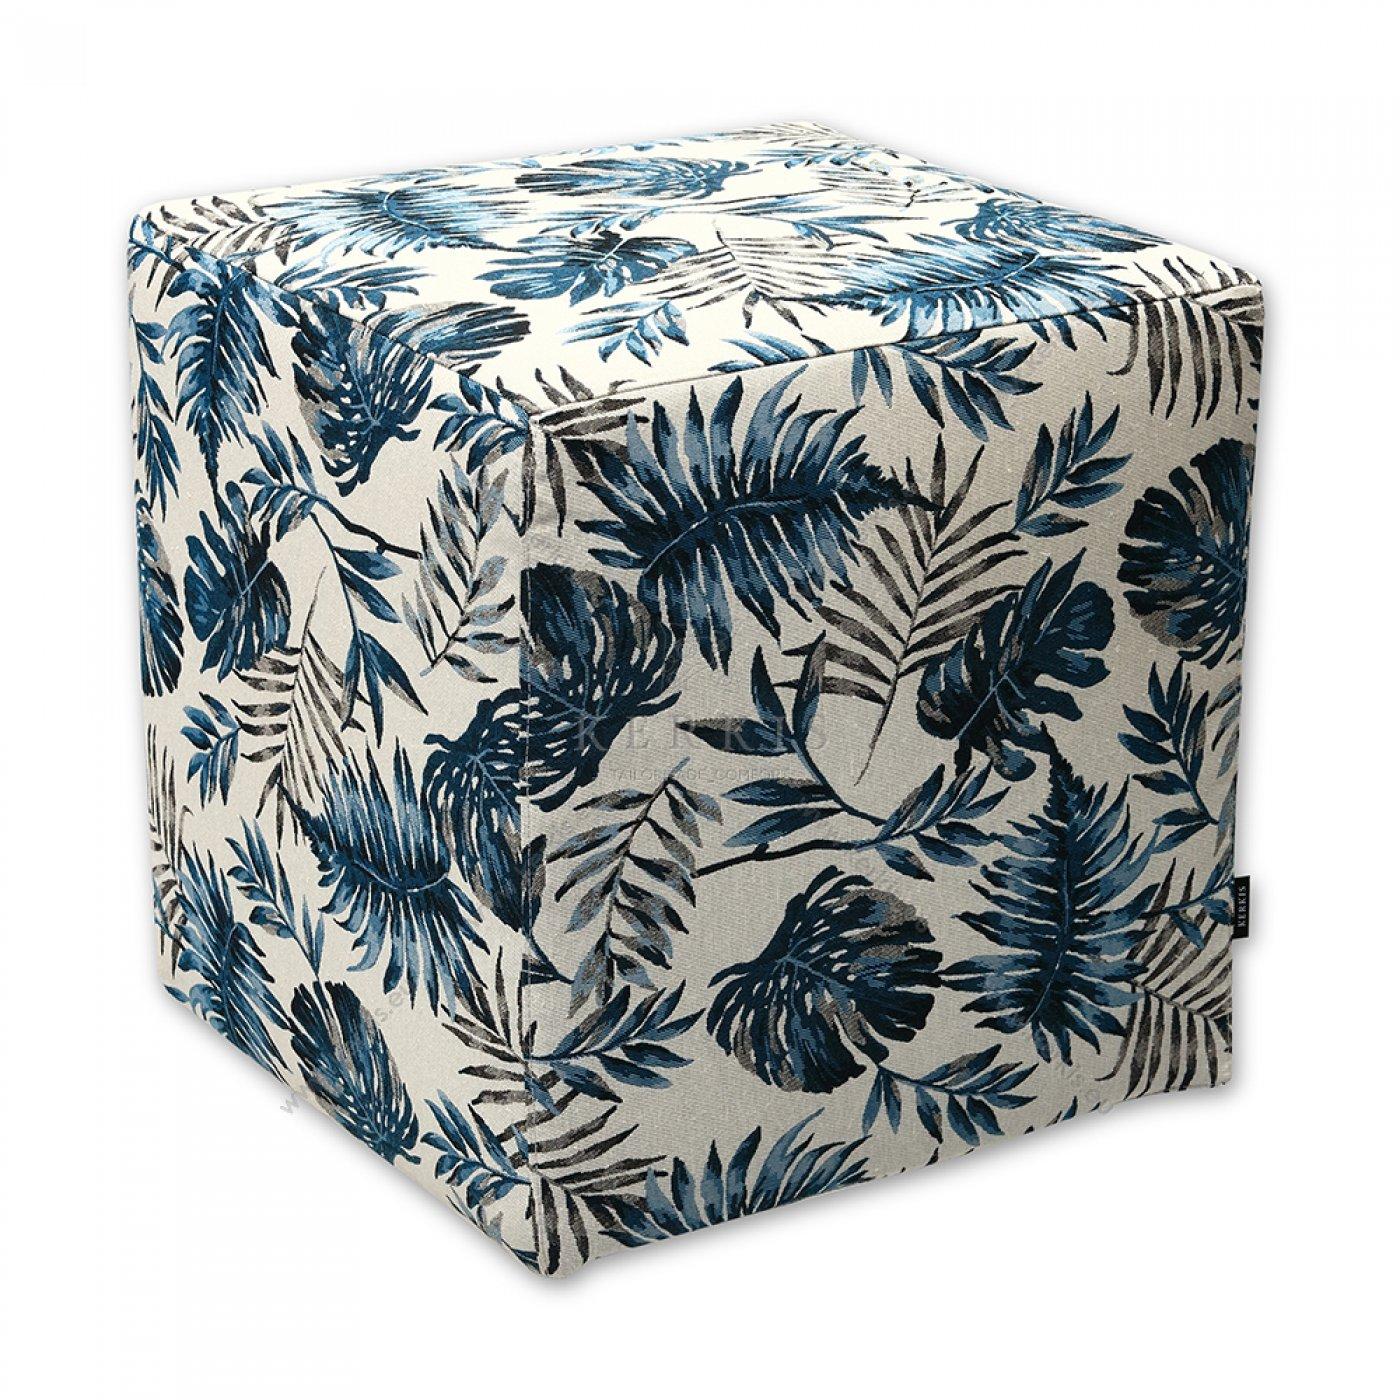 Σκαμπό κύβος μπλε φύλλα φτέρης, από την Kerkis Tailormade Comfort. Ιδανικό αναπαυτικό κάθισμα για ενοικιαζόμενα δωμάτια που χρειάζονται έπιπλα ευέλικτα, καλαίσθητα με αντοχή και εξαιρετική ποιότητα!